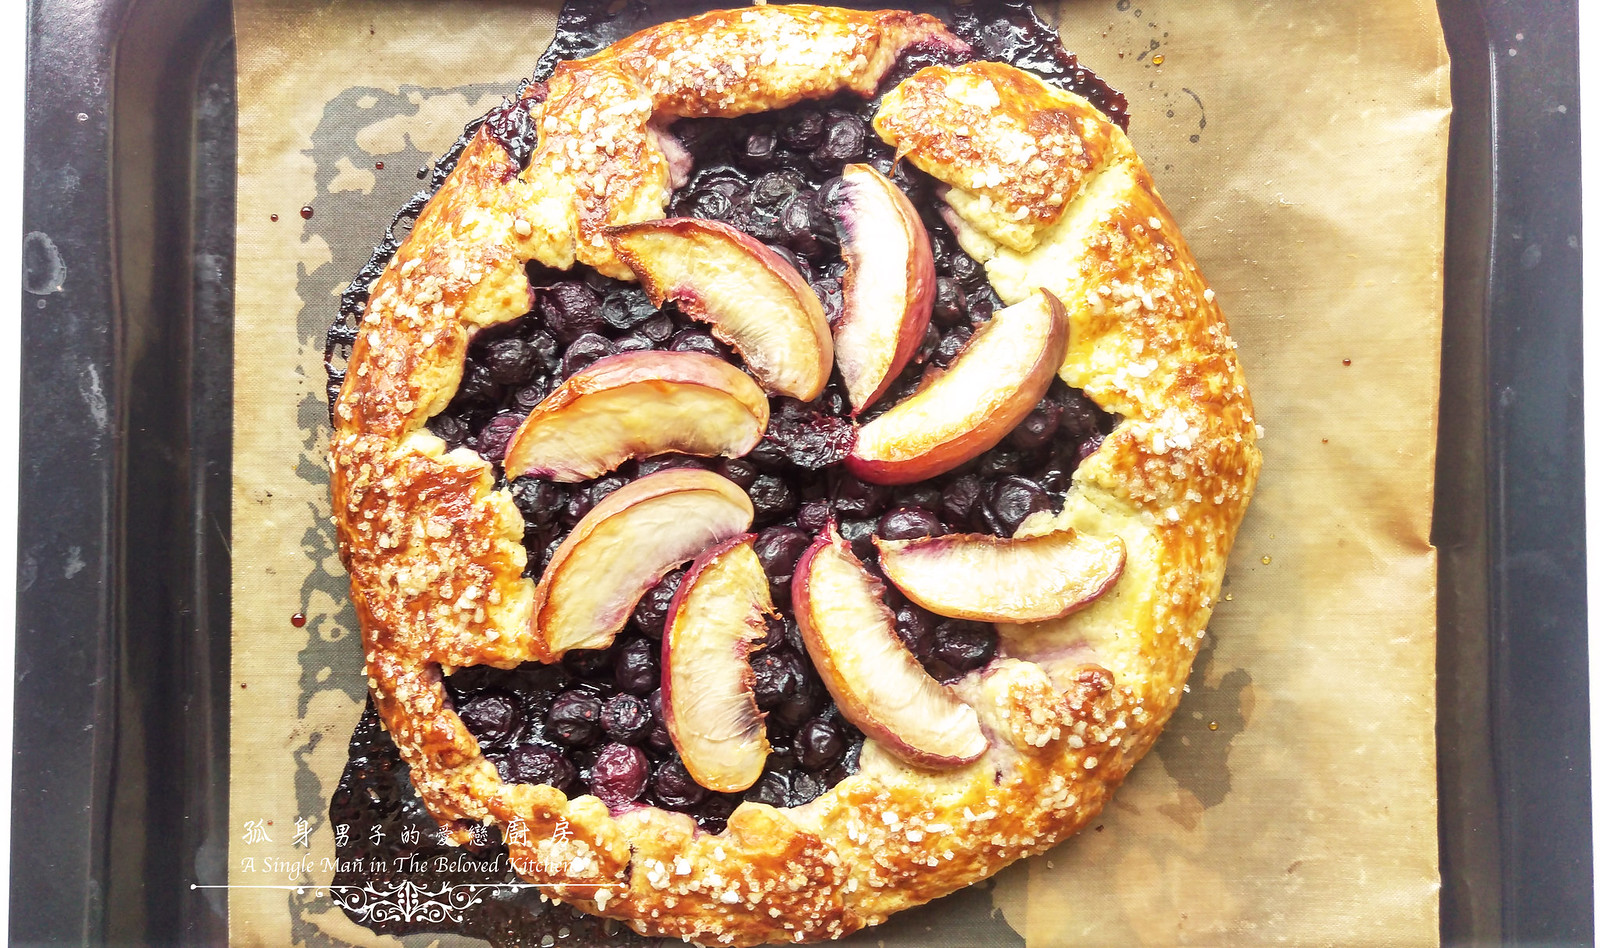 孤身廚房-藍莓甜桃法式烘餅Blueberry-Nectarin Galette25